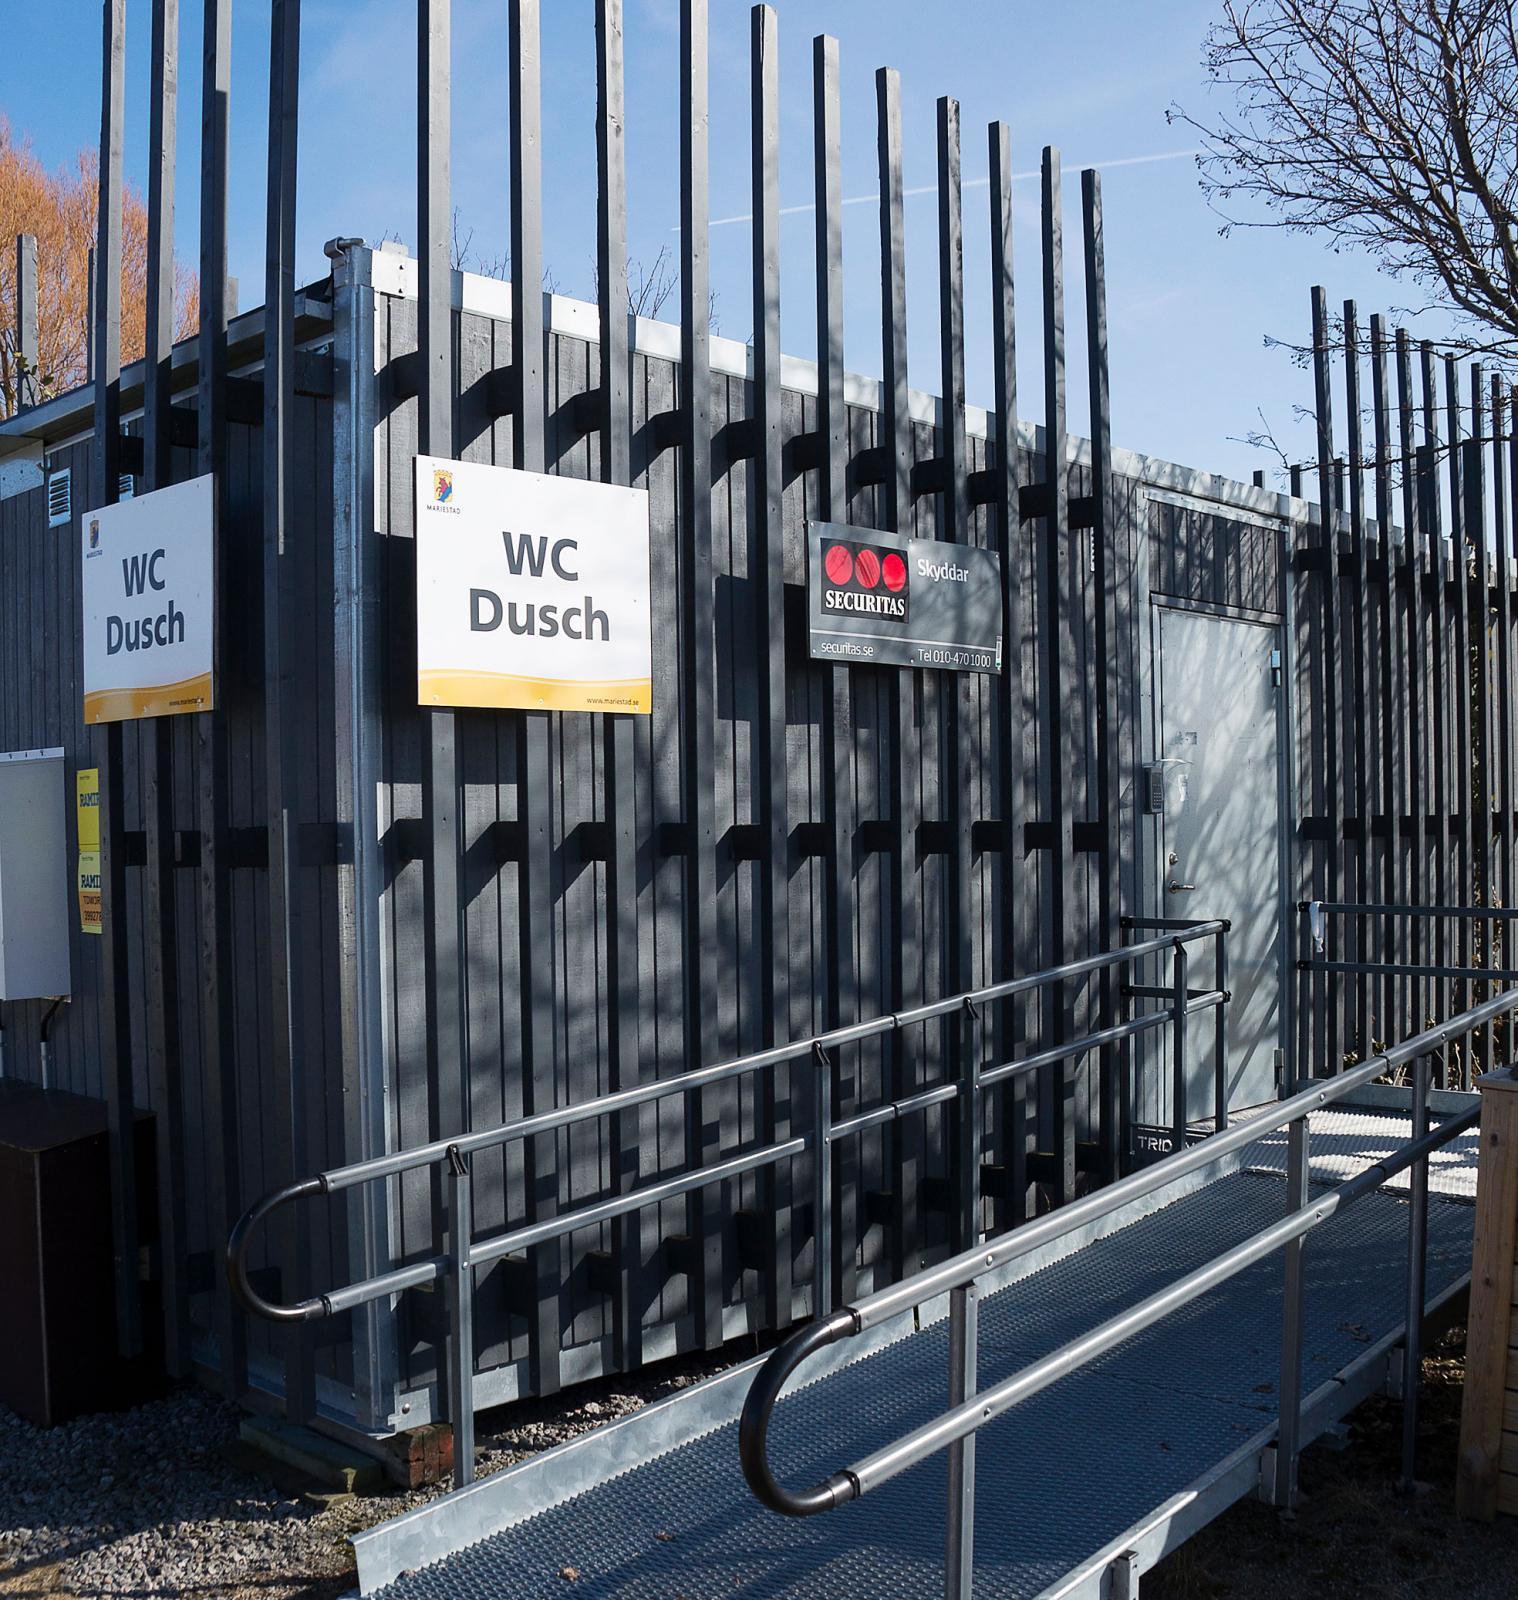 Hygiencontainer. Nödvändiga faciliteter med toa och dusch finns men är det fullbelagt kan det bli kö.